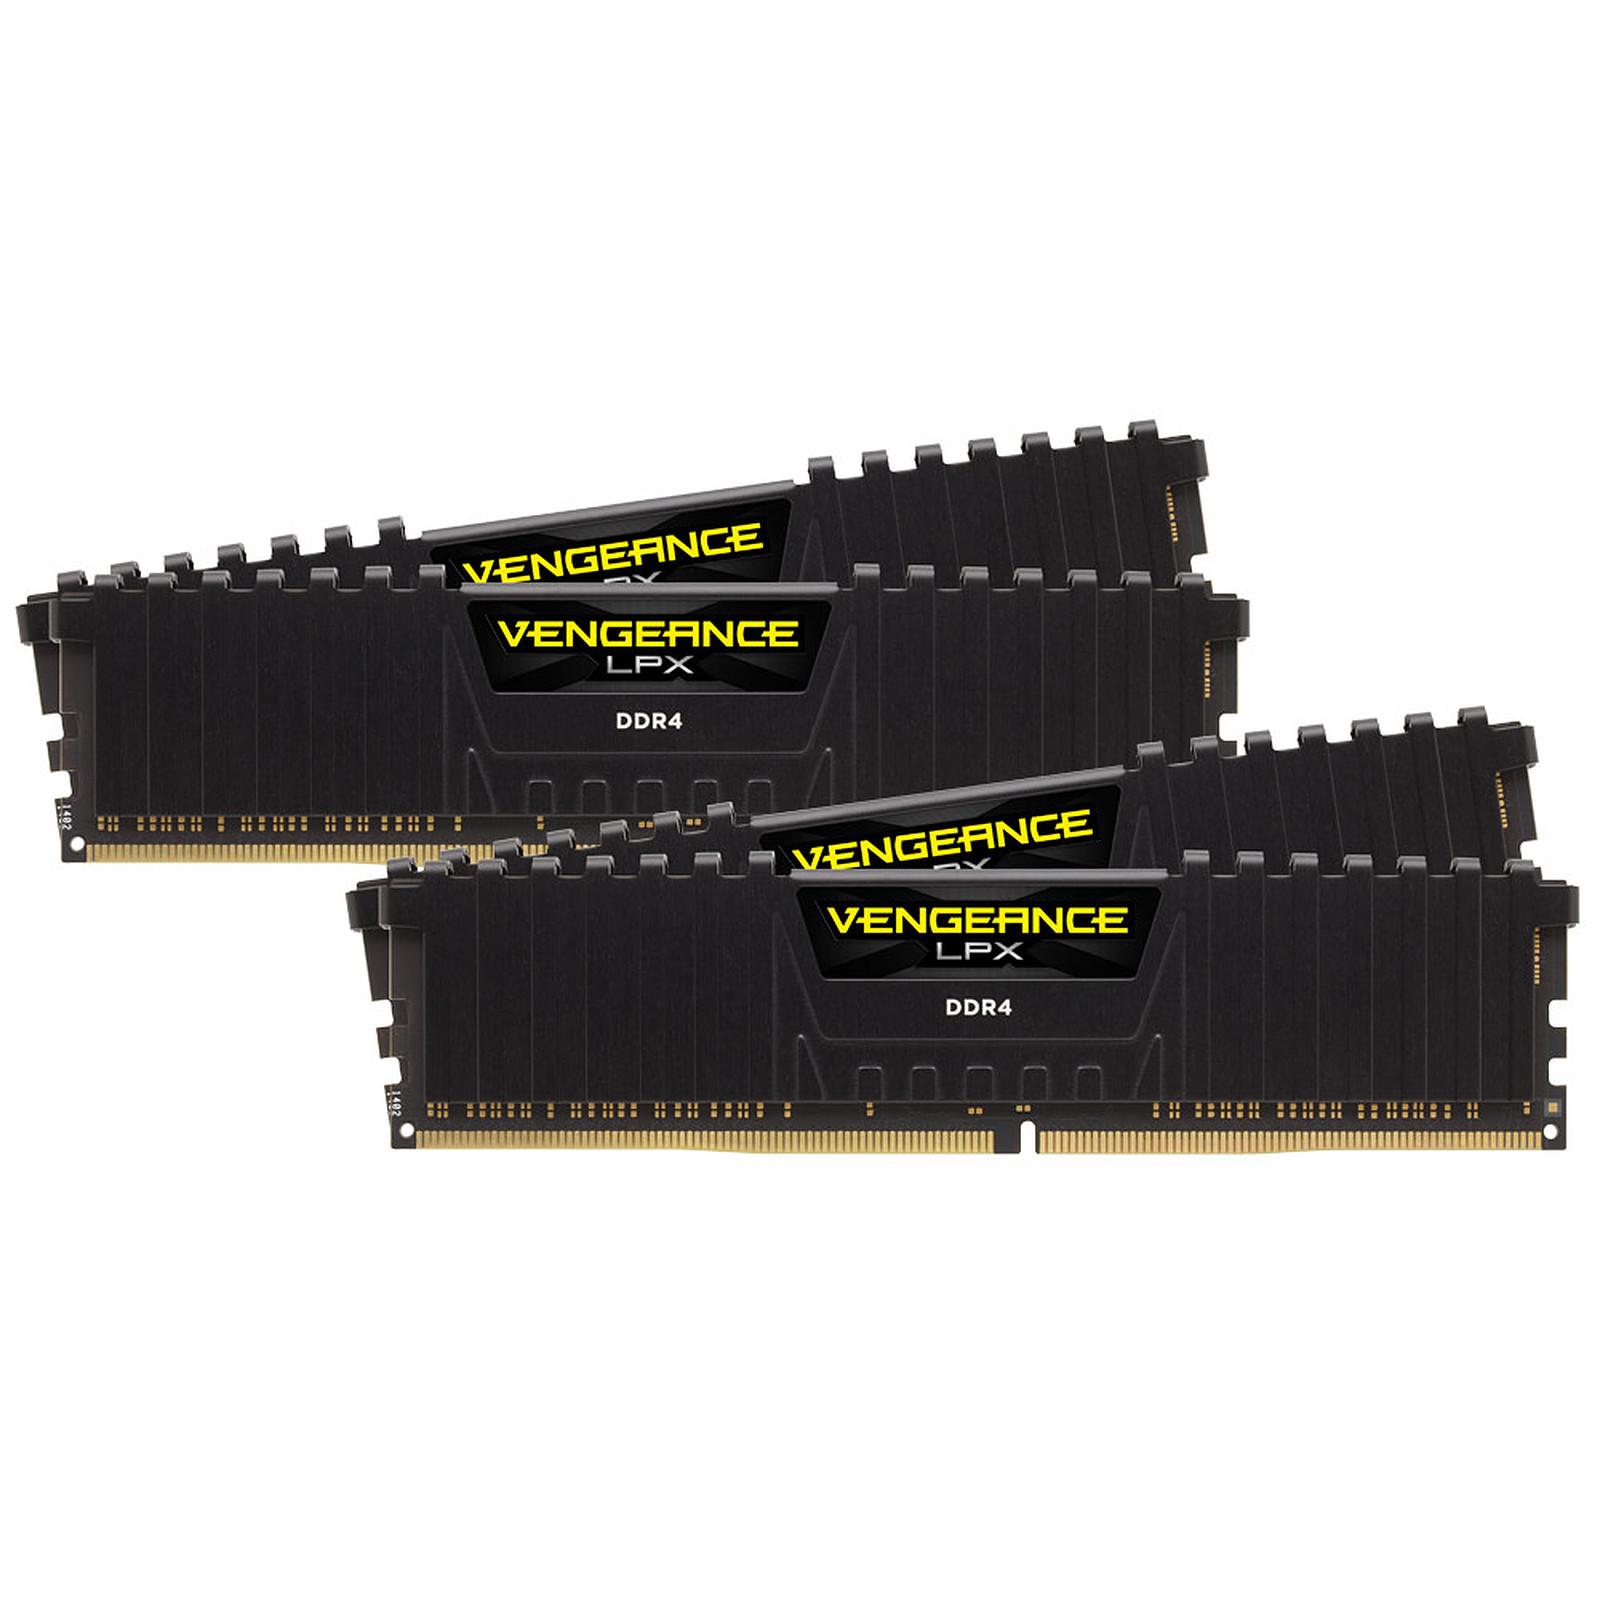 Corsair Vengeance LPX Series Low Profile 128 Go (4 x 32 Go) DDR4 2400 MHz CL16